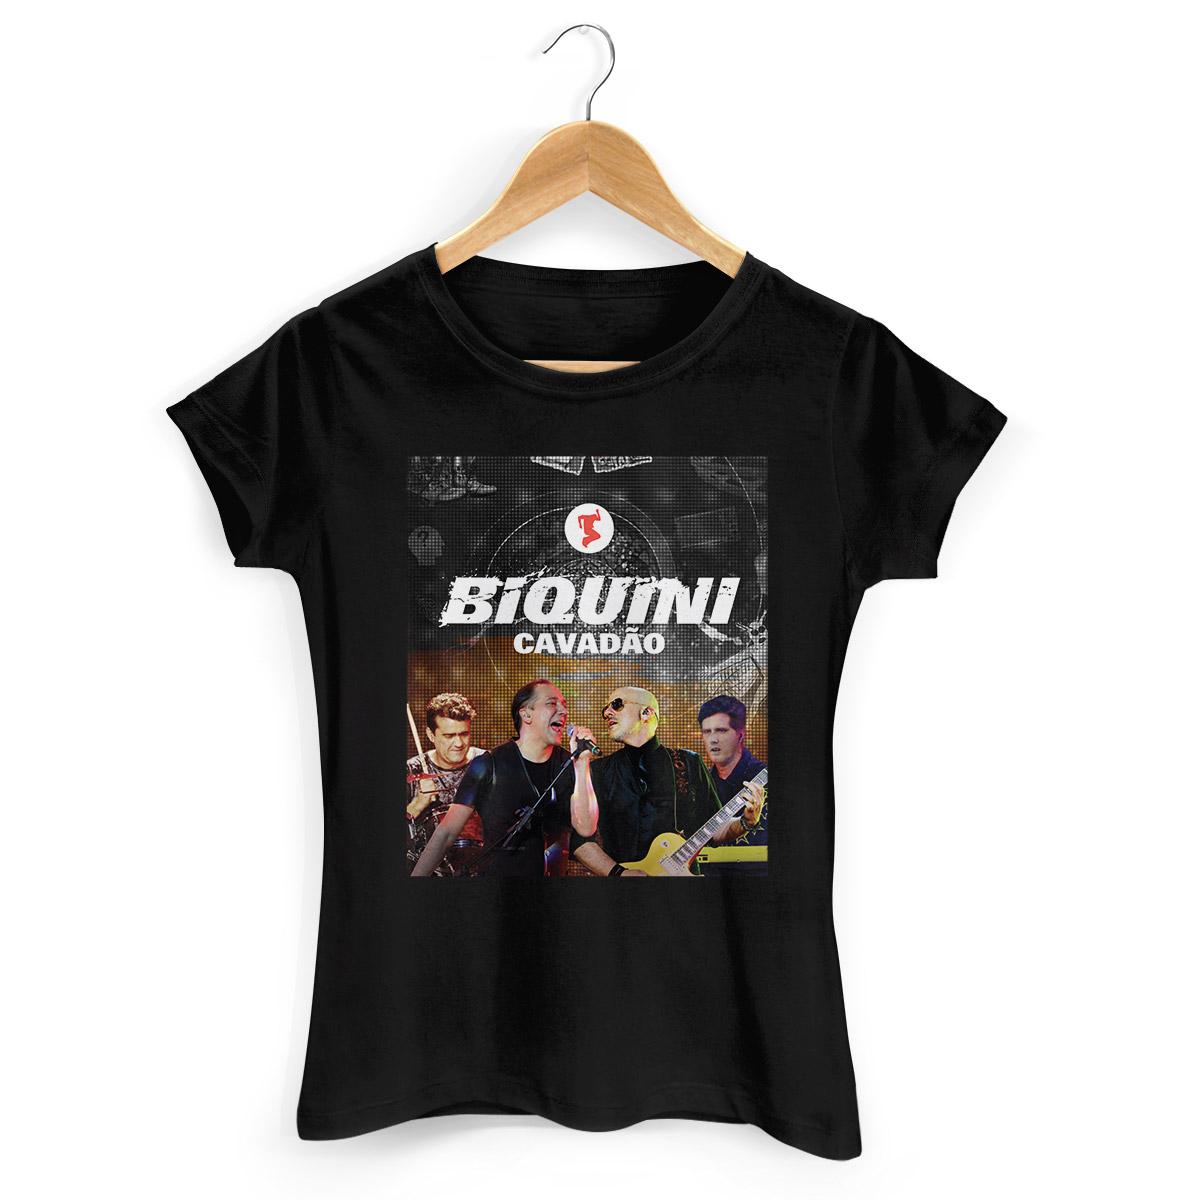 Camiseta Feminina Biquini Cavad�o Capa